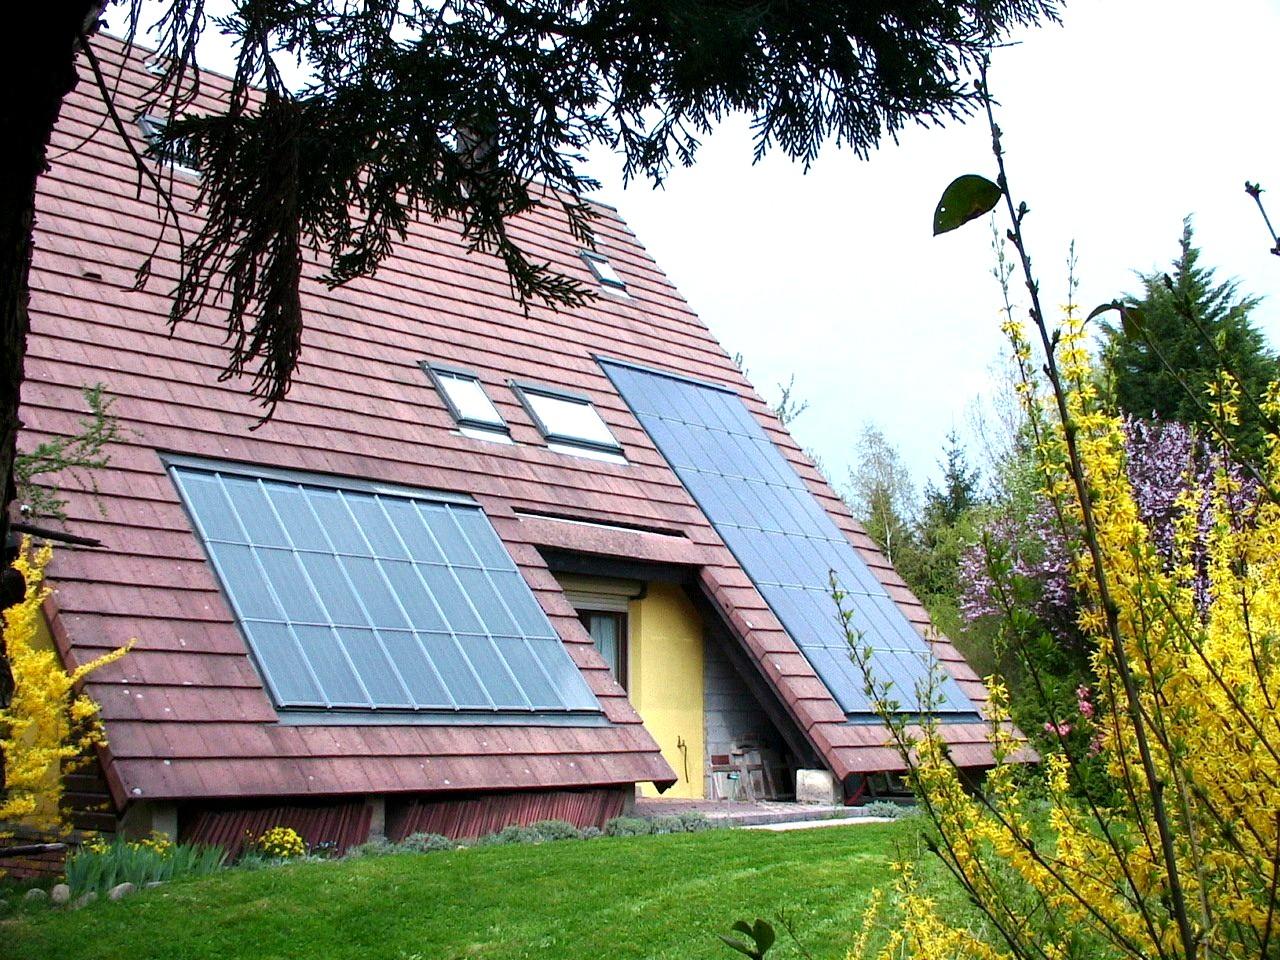 avant d 39 acheter un panneau solaire conomie solidaire. Black Bedroom Furniture Sets. Home Design Ideas